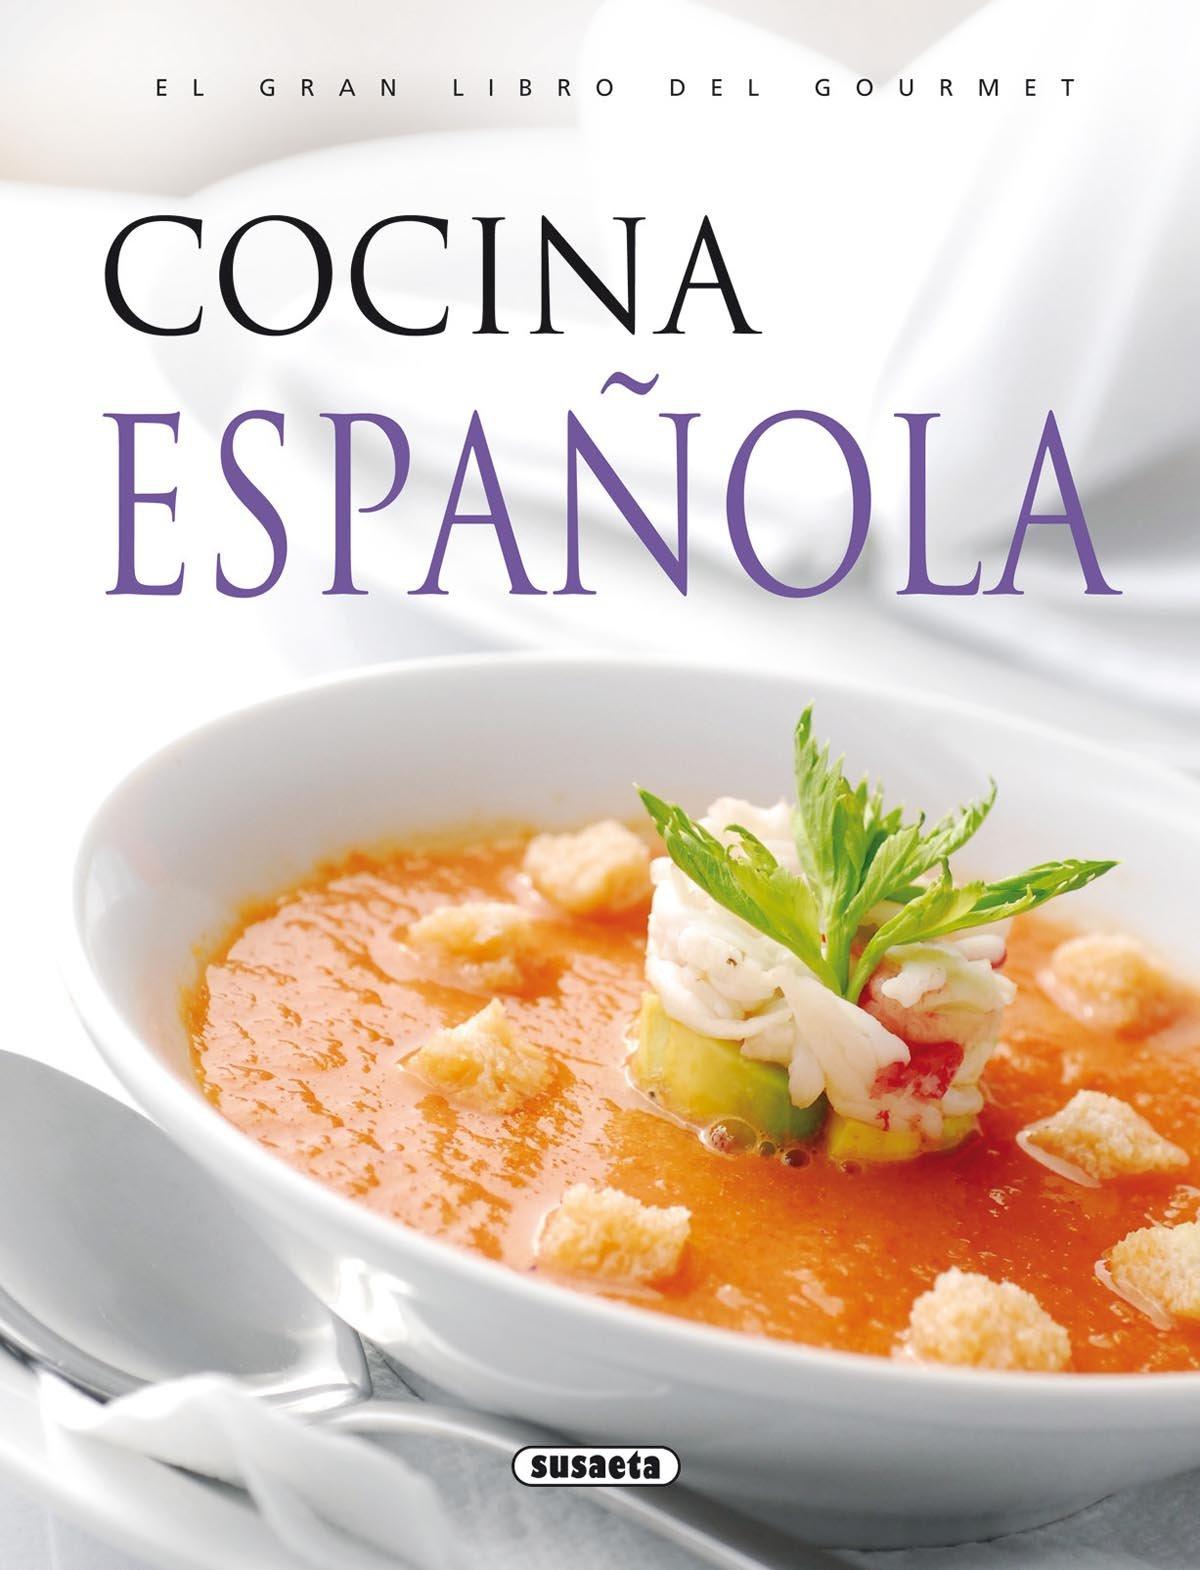 Cocina Espanola El Gran Libro Del Gourmet Spanish Edition Inc